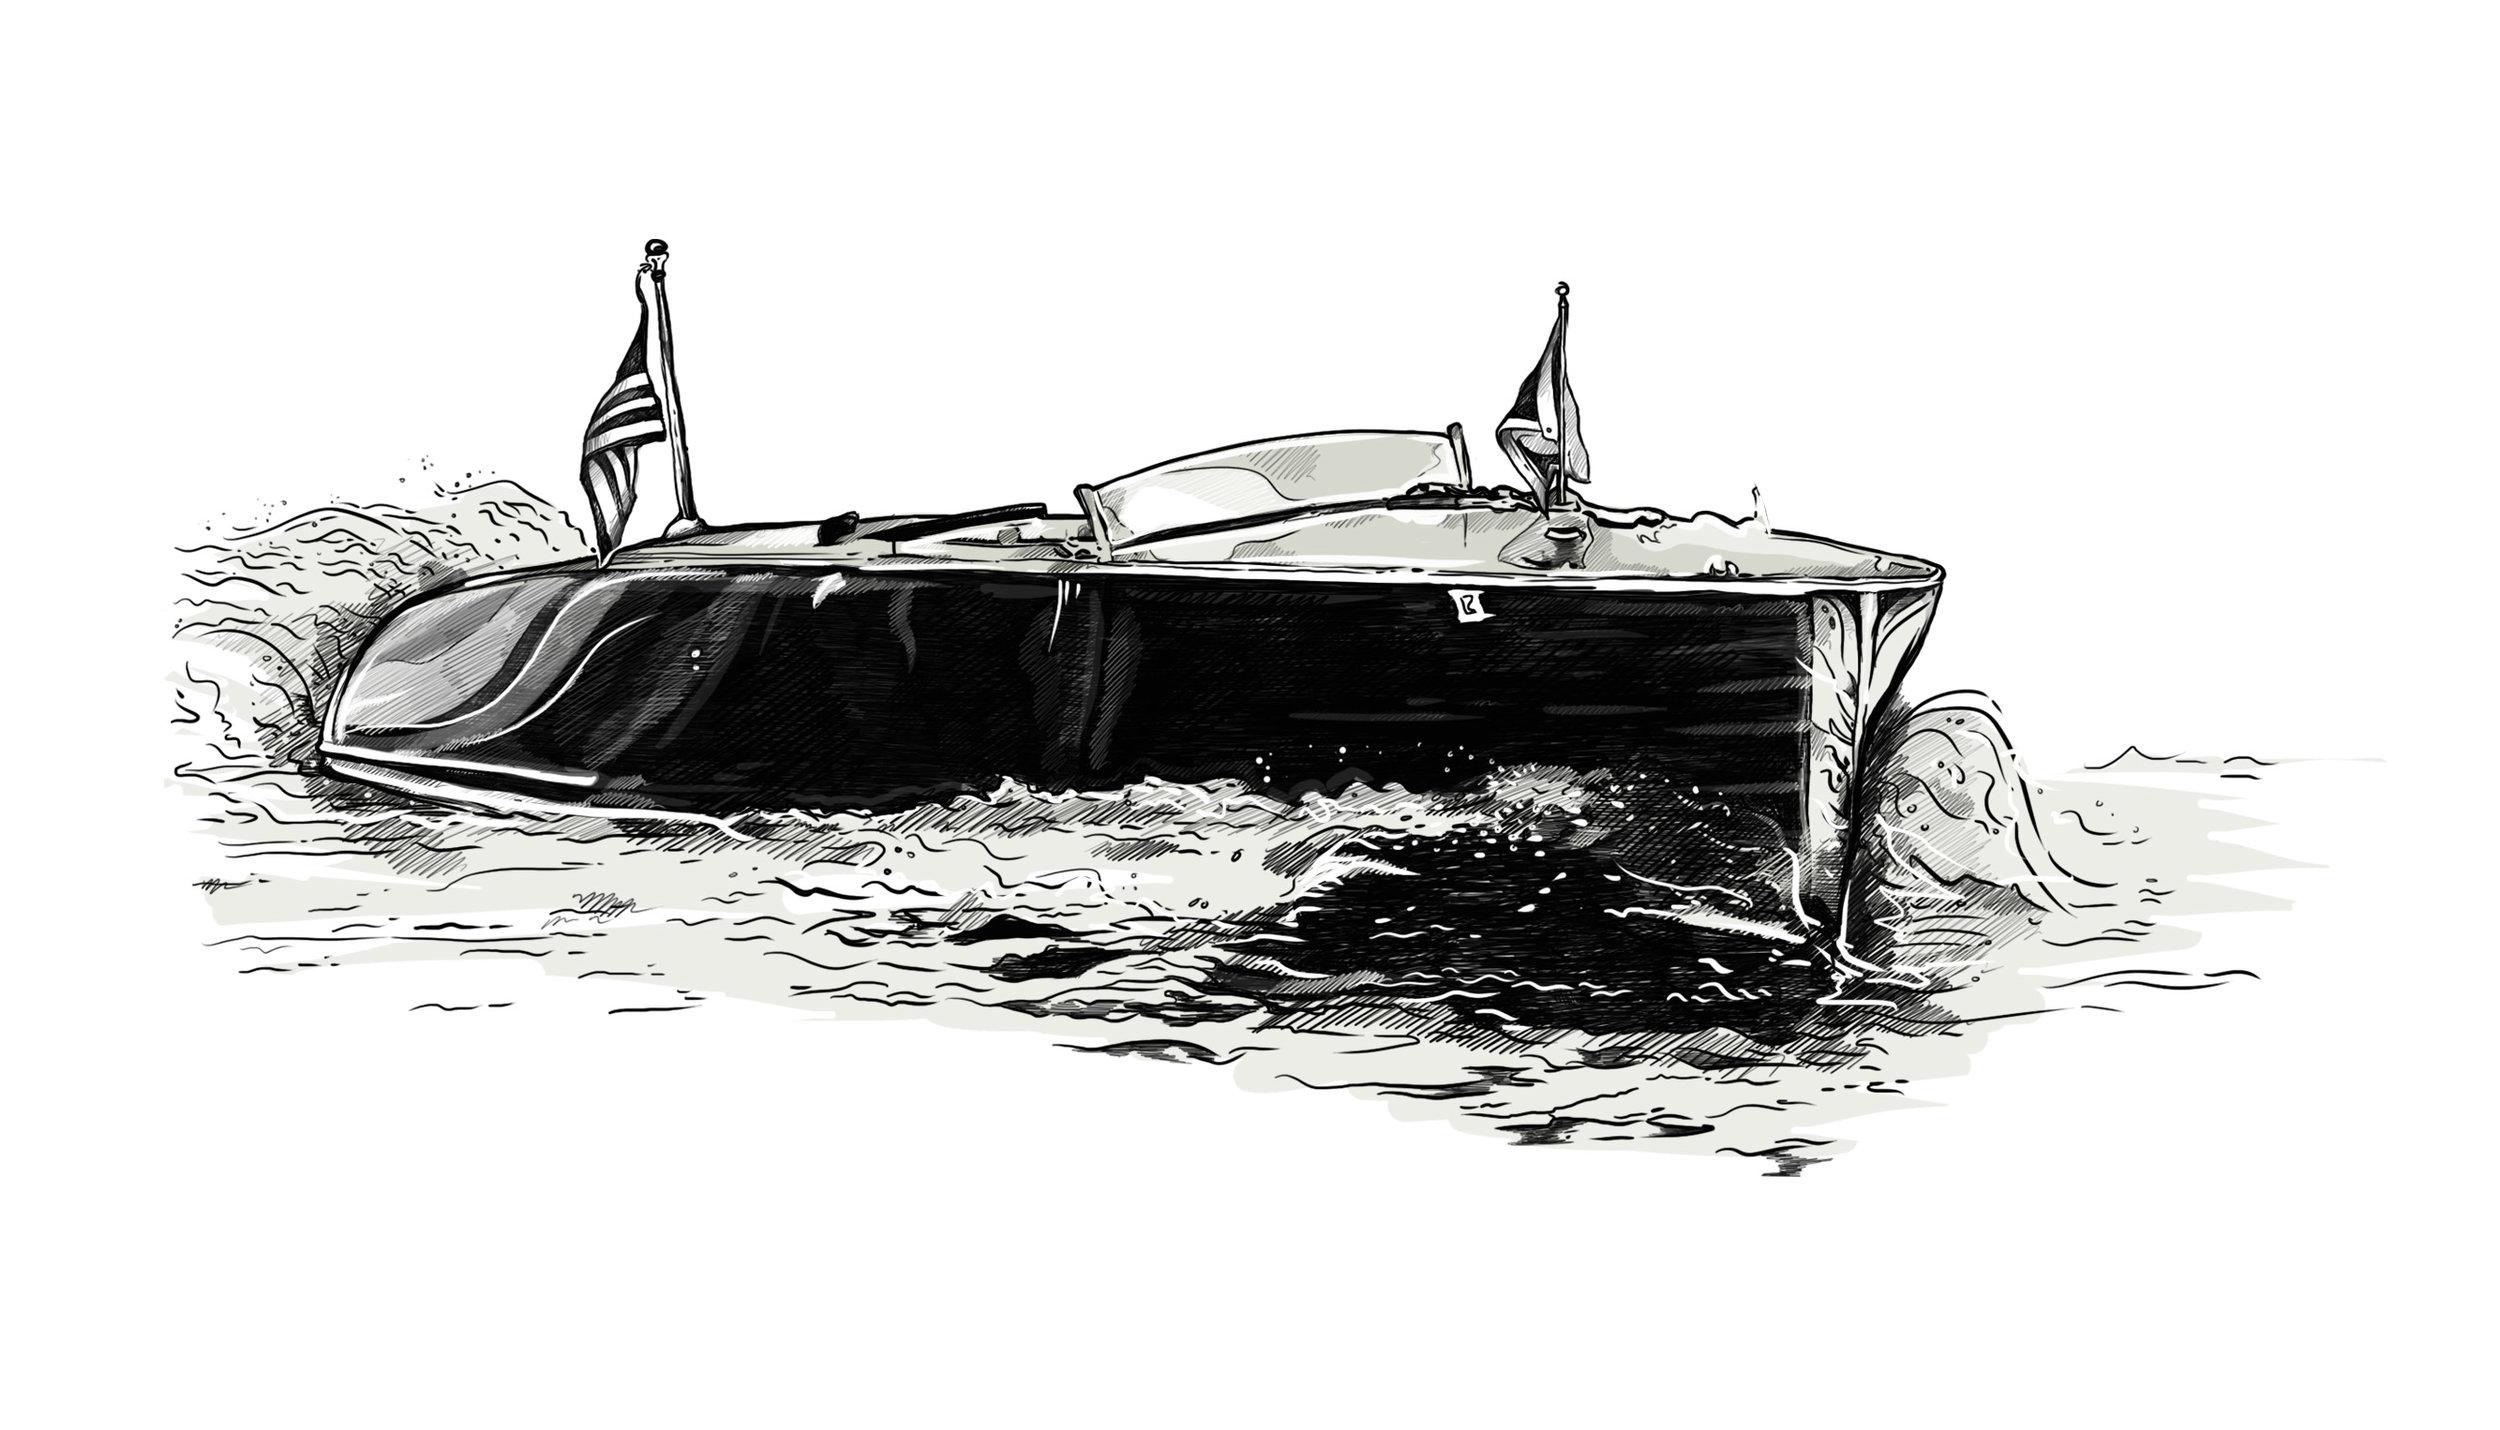 Dad'sBoat_Illustration.jpg